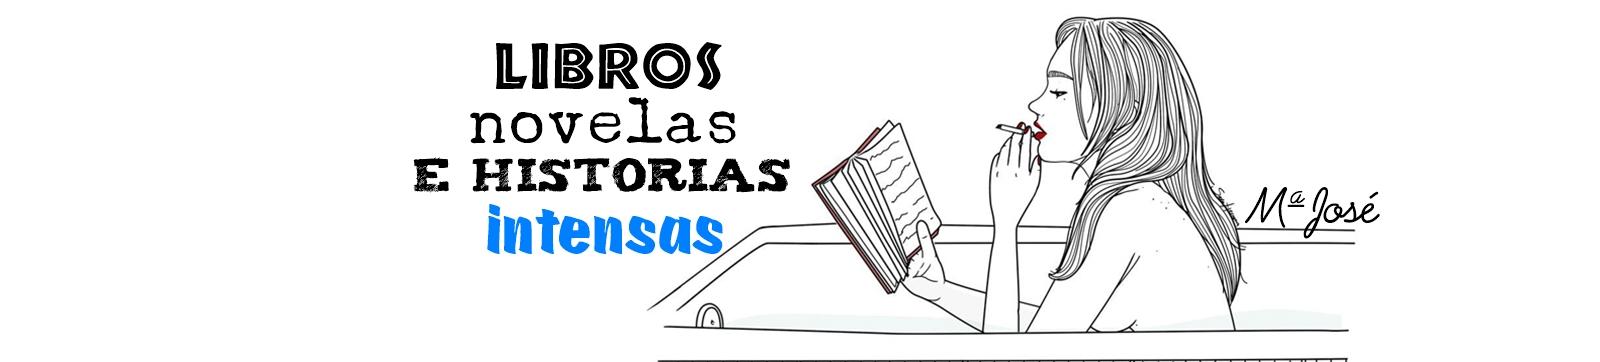 Libros, novelas e historias interesantes.